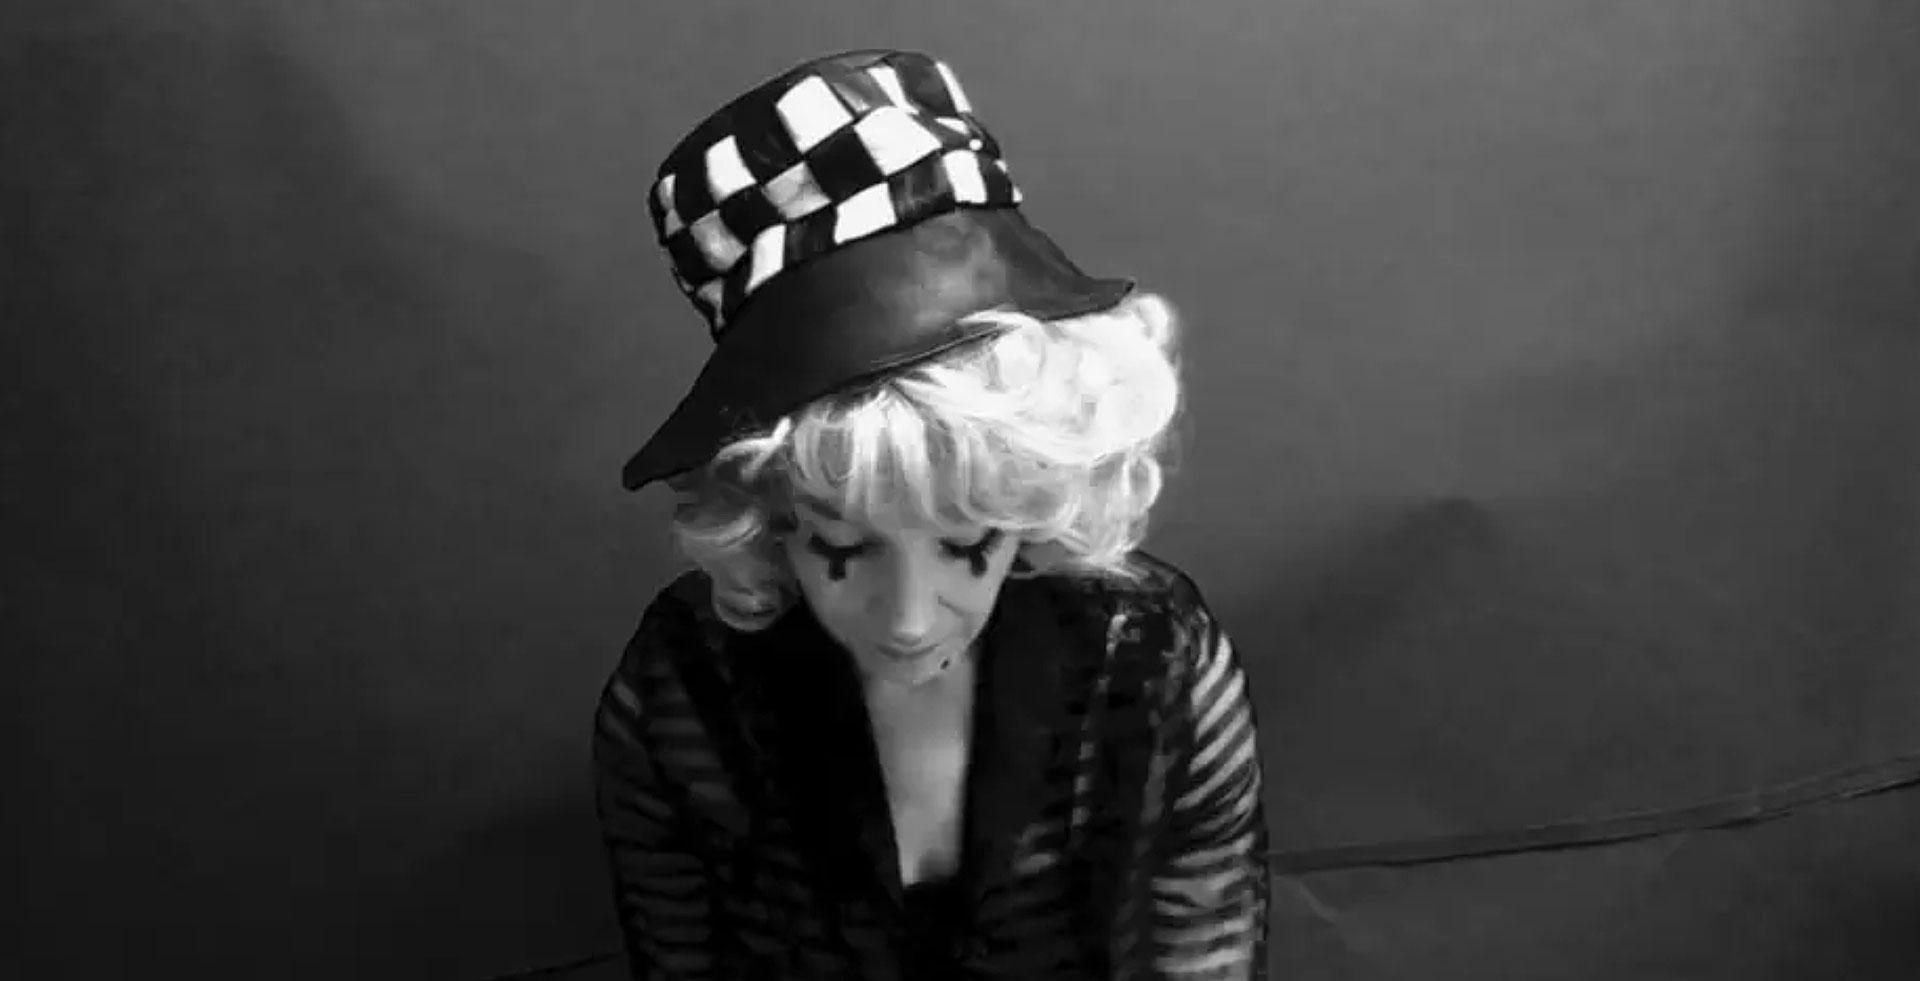 clown-hat-1a